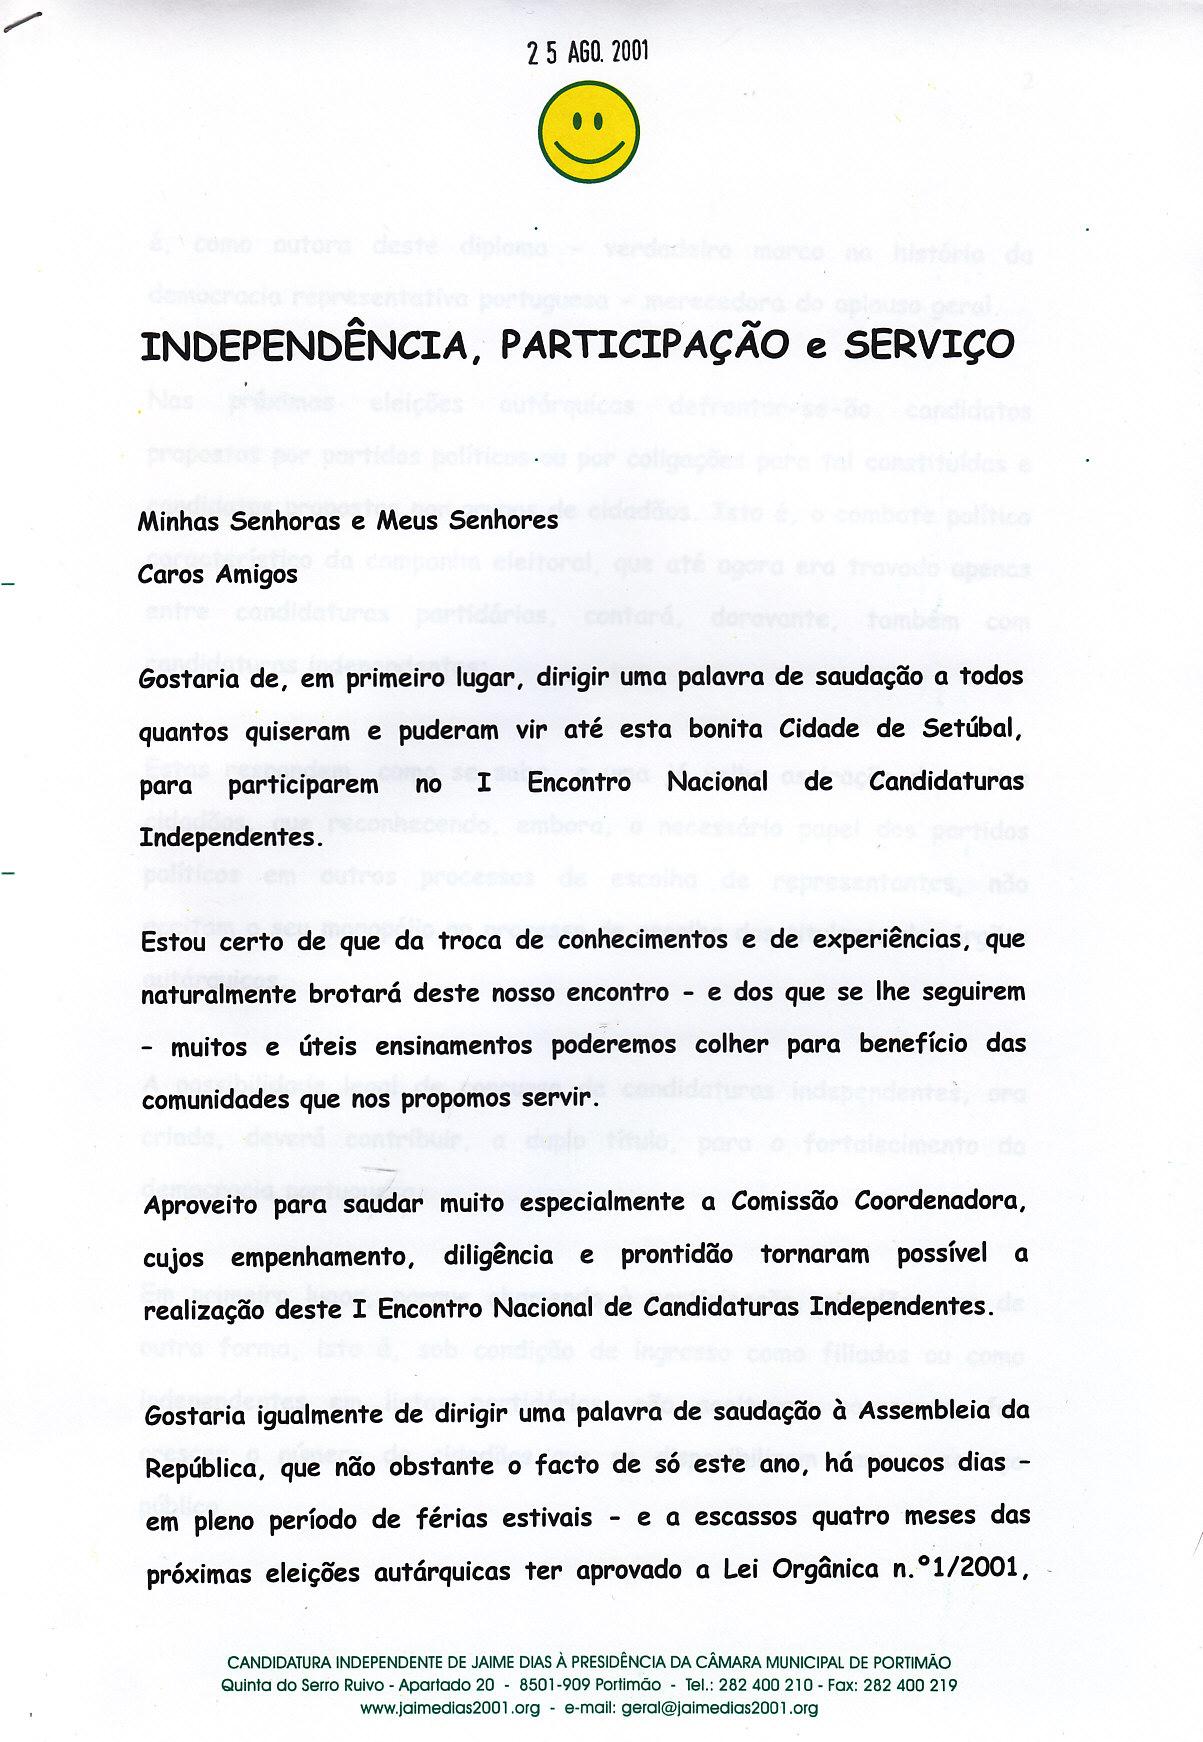 Jaime_Dias_Portimao_2001_0005